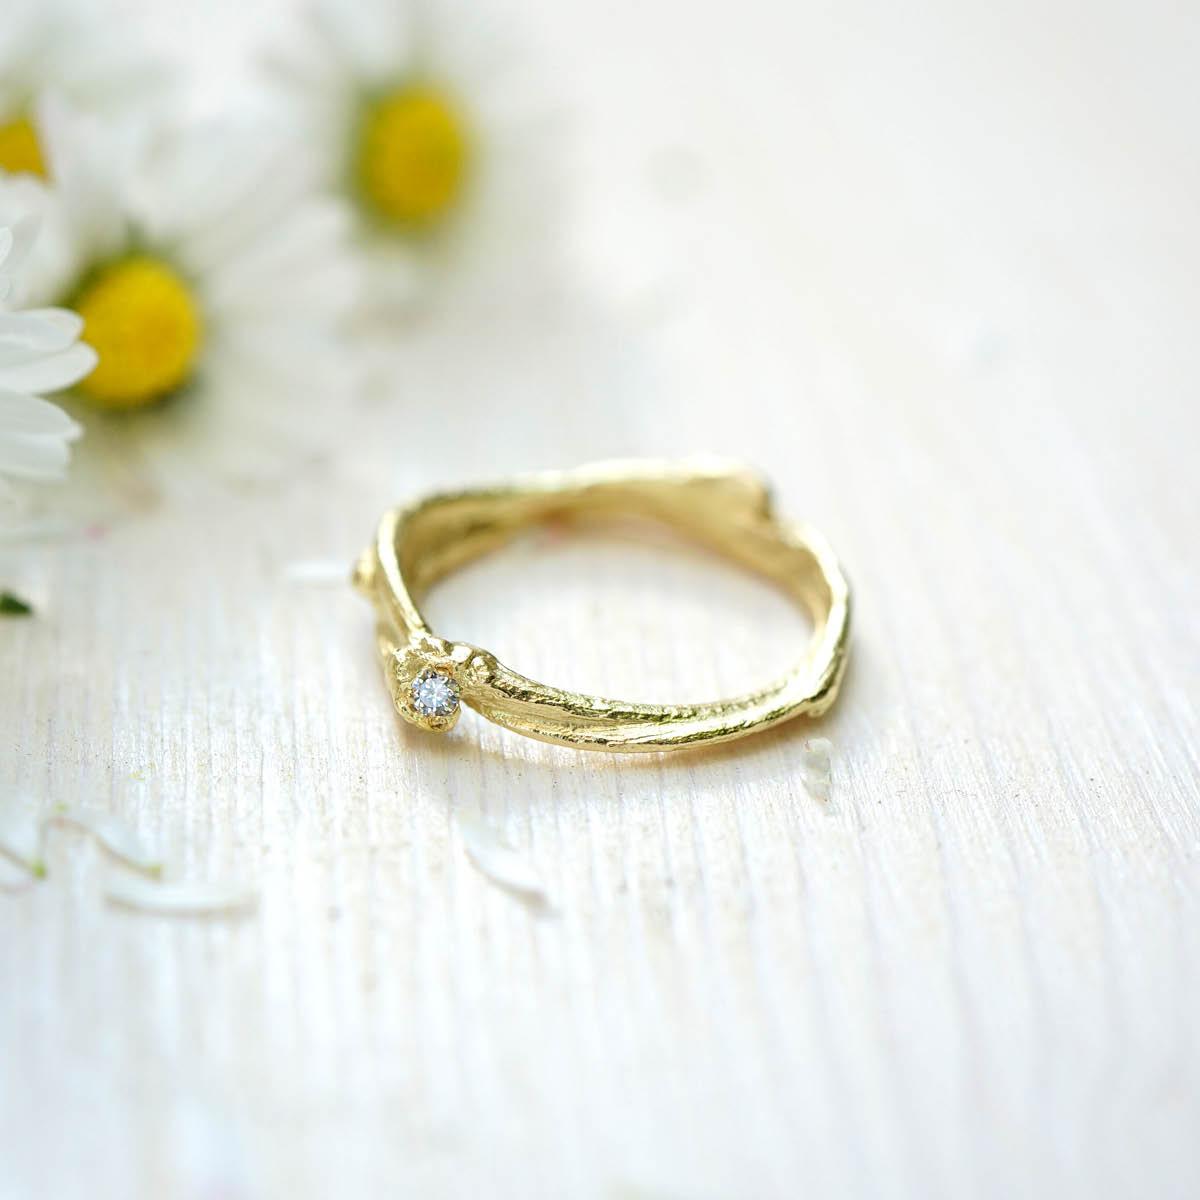 FINGERGLÜCK - Verlobungsringe aus Birkenzweigen